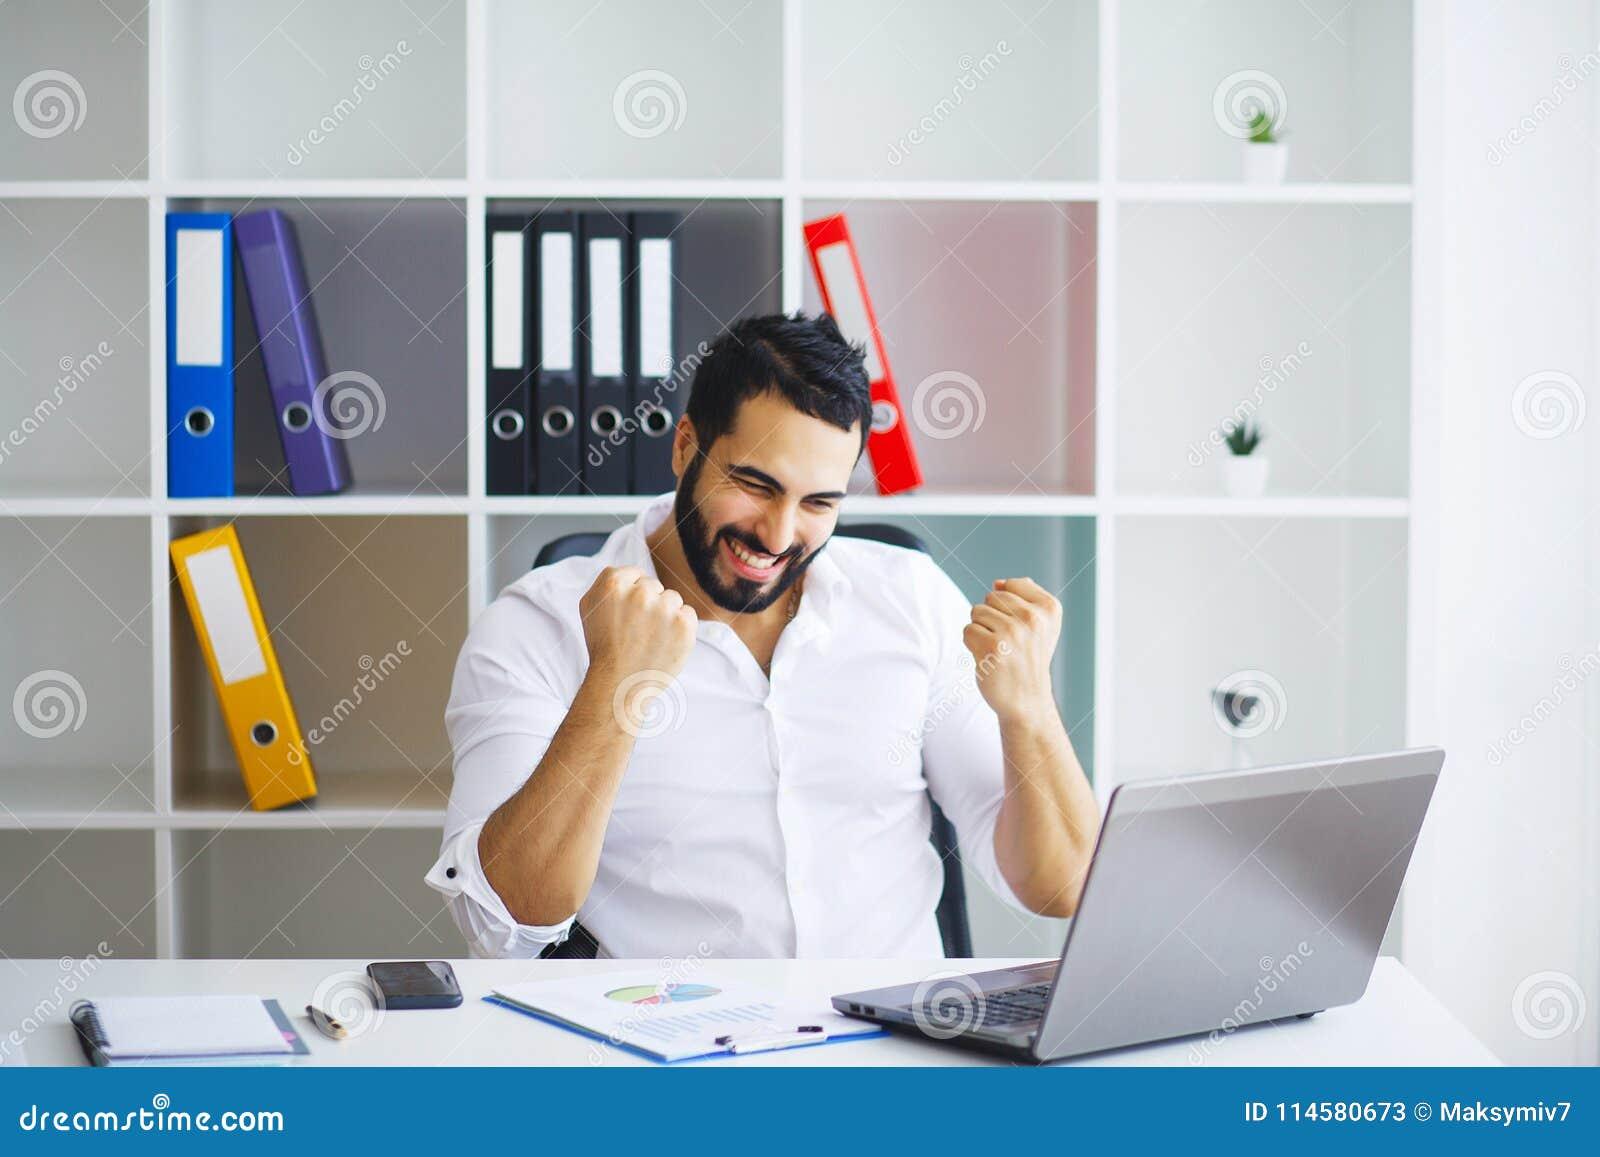 Homme Travaillant A L Ordinateur Dans Le Bureau Contemporain Image